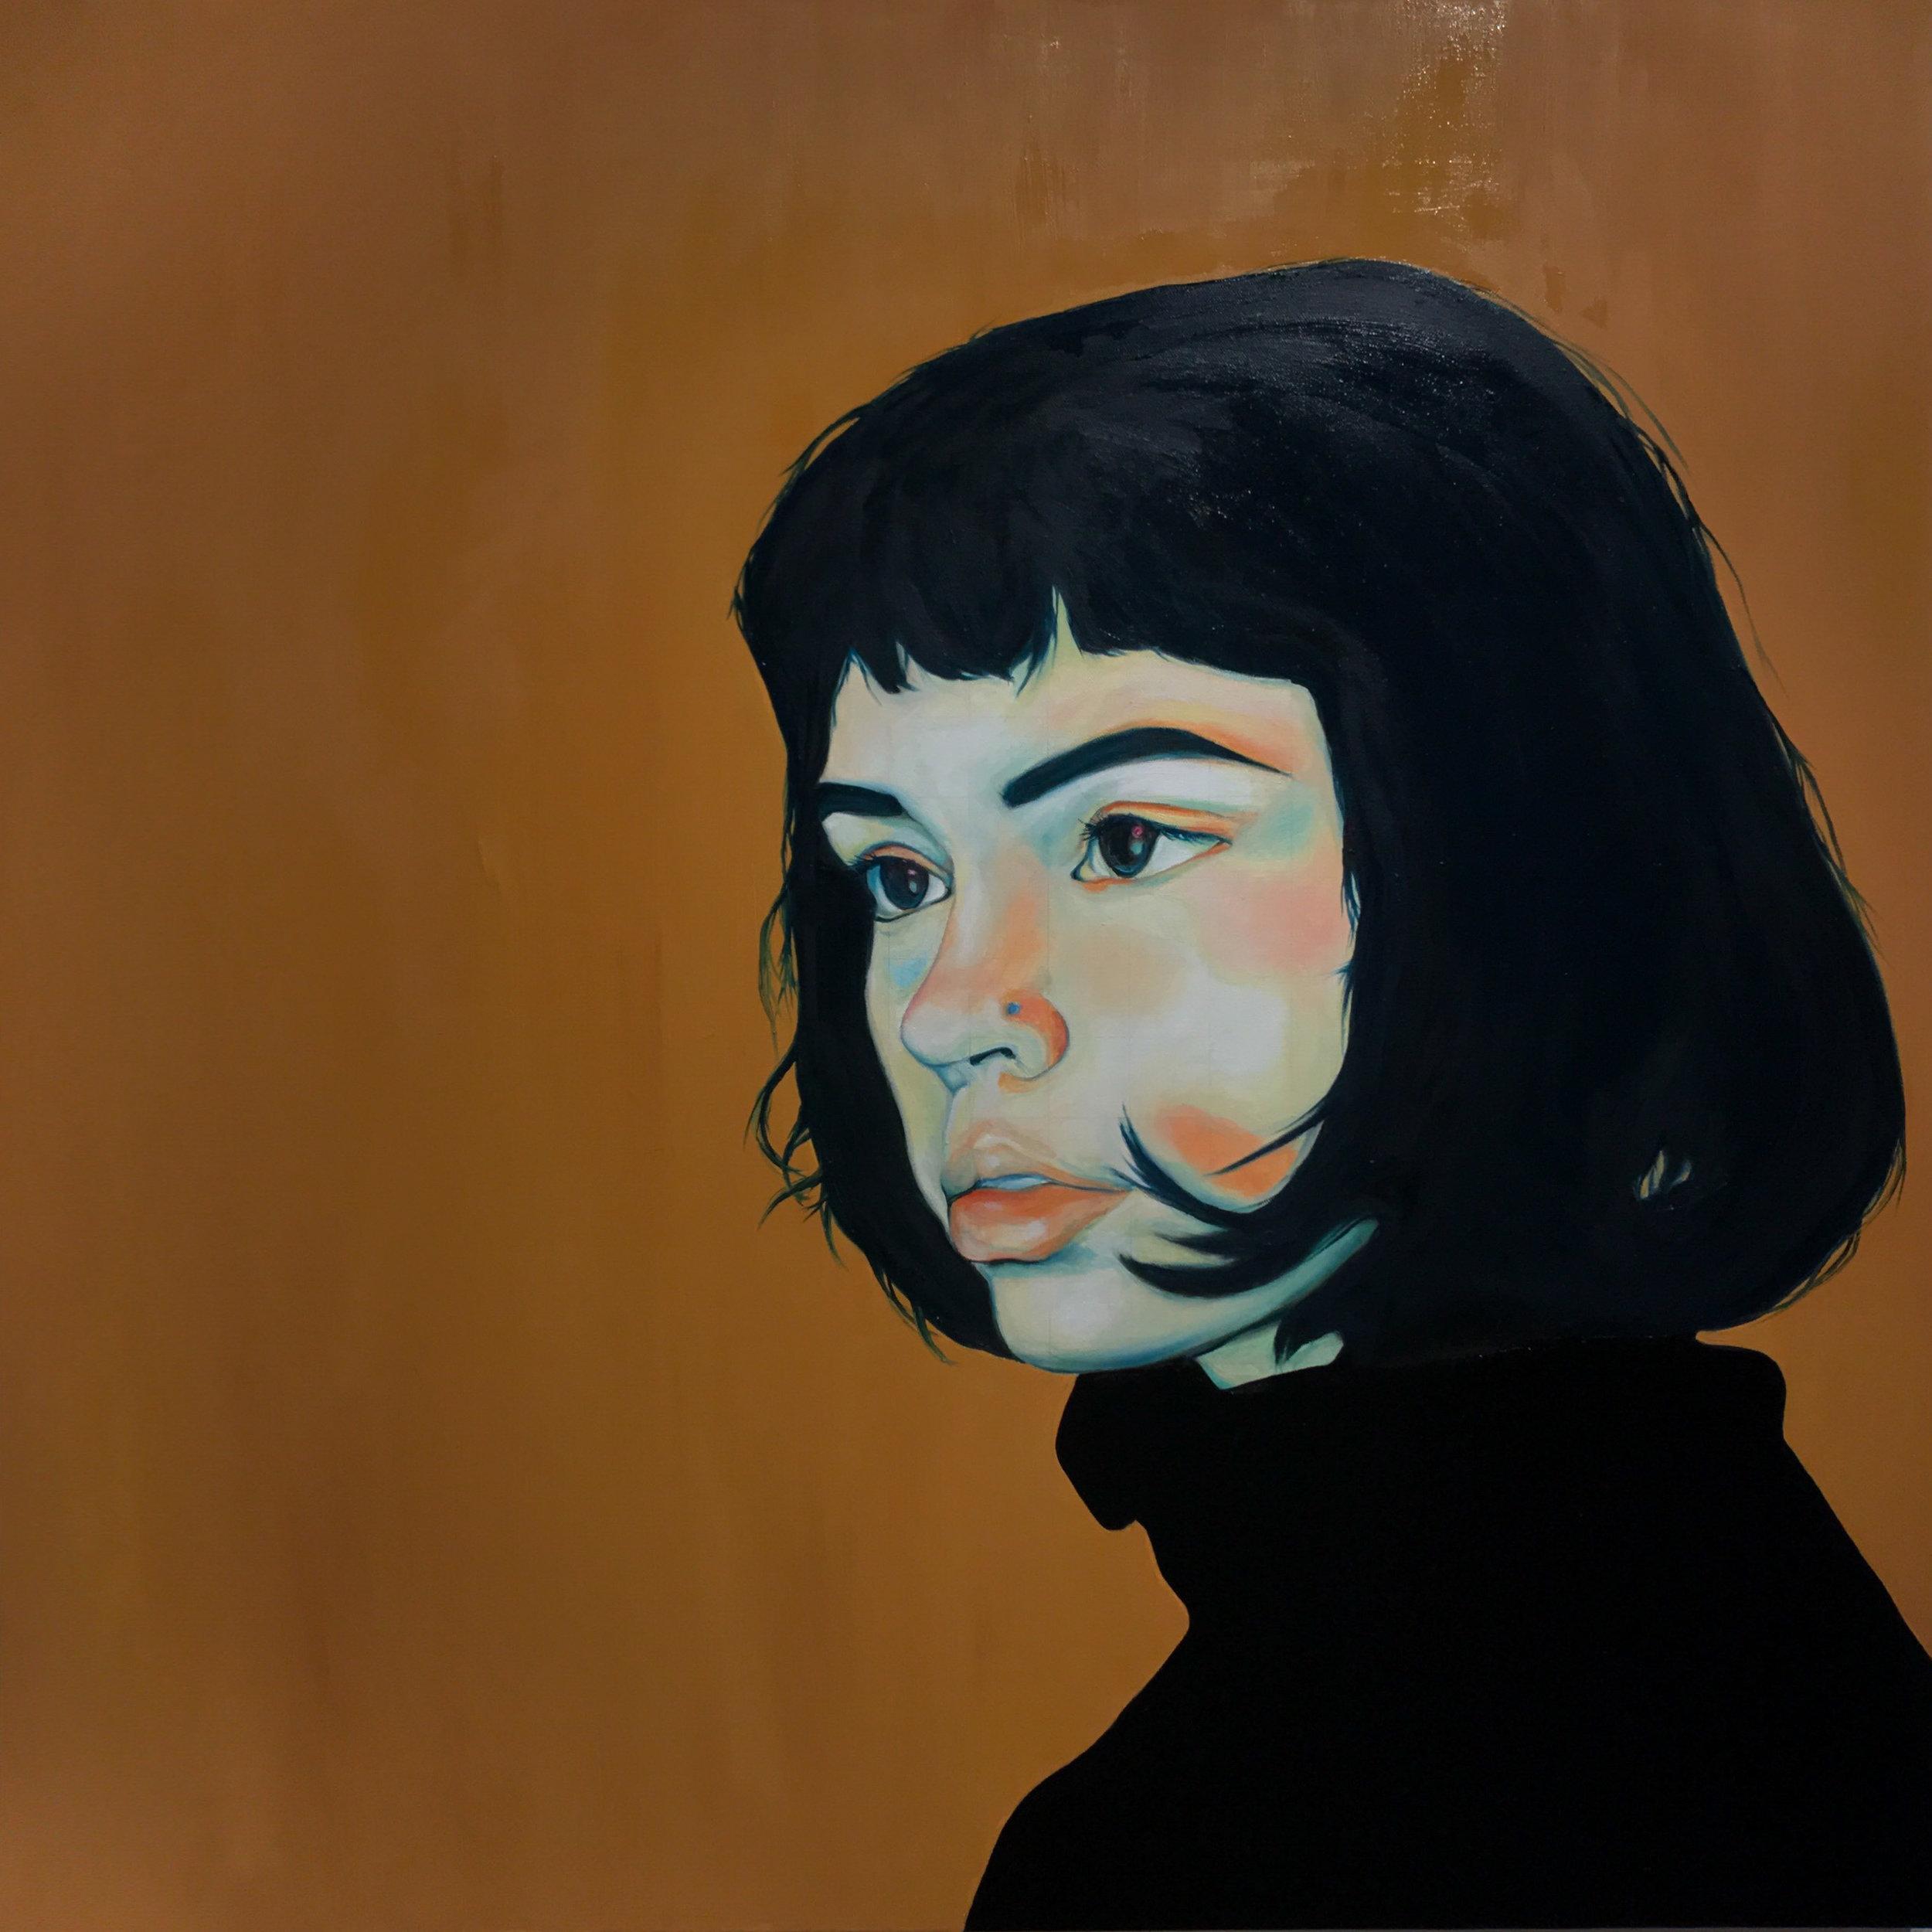 """Ana,  2017. oil on canvas, 36 x 36"""" (91.44 x 91.44 cm)."""